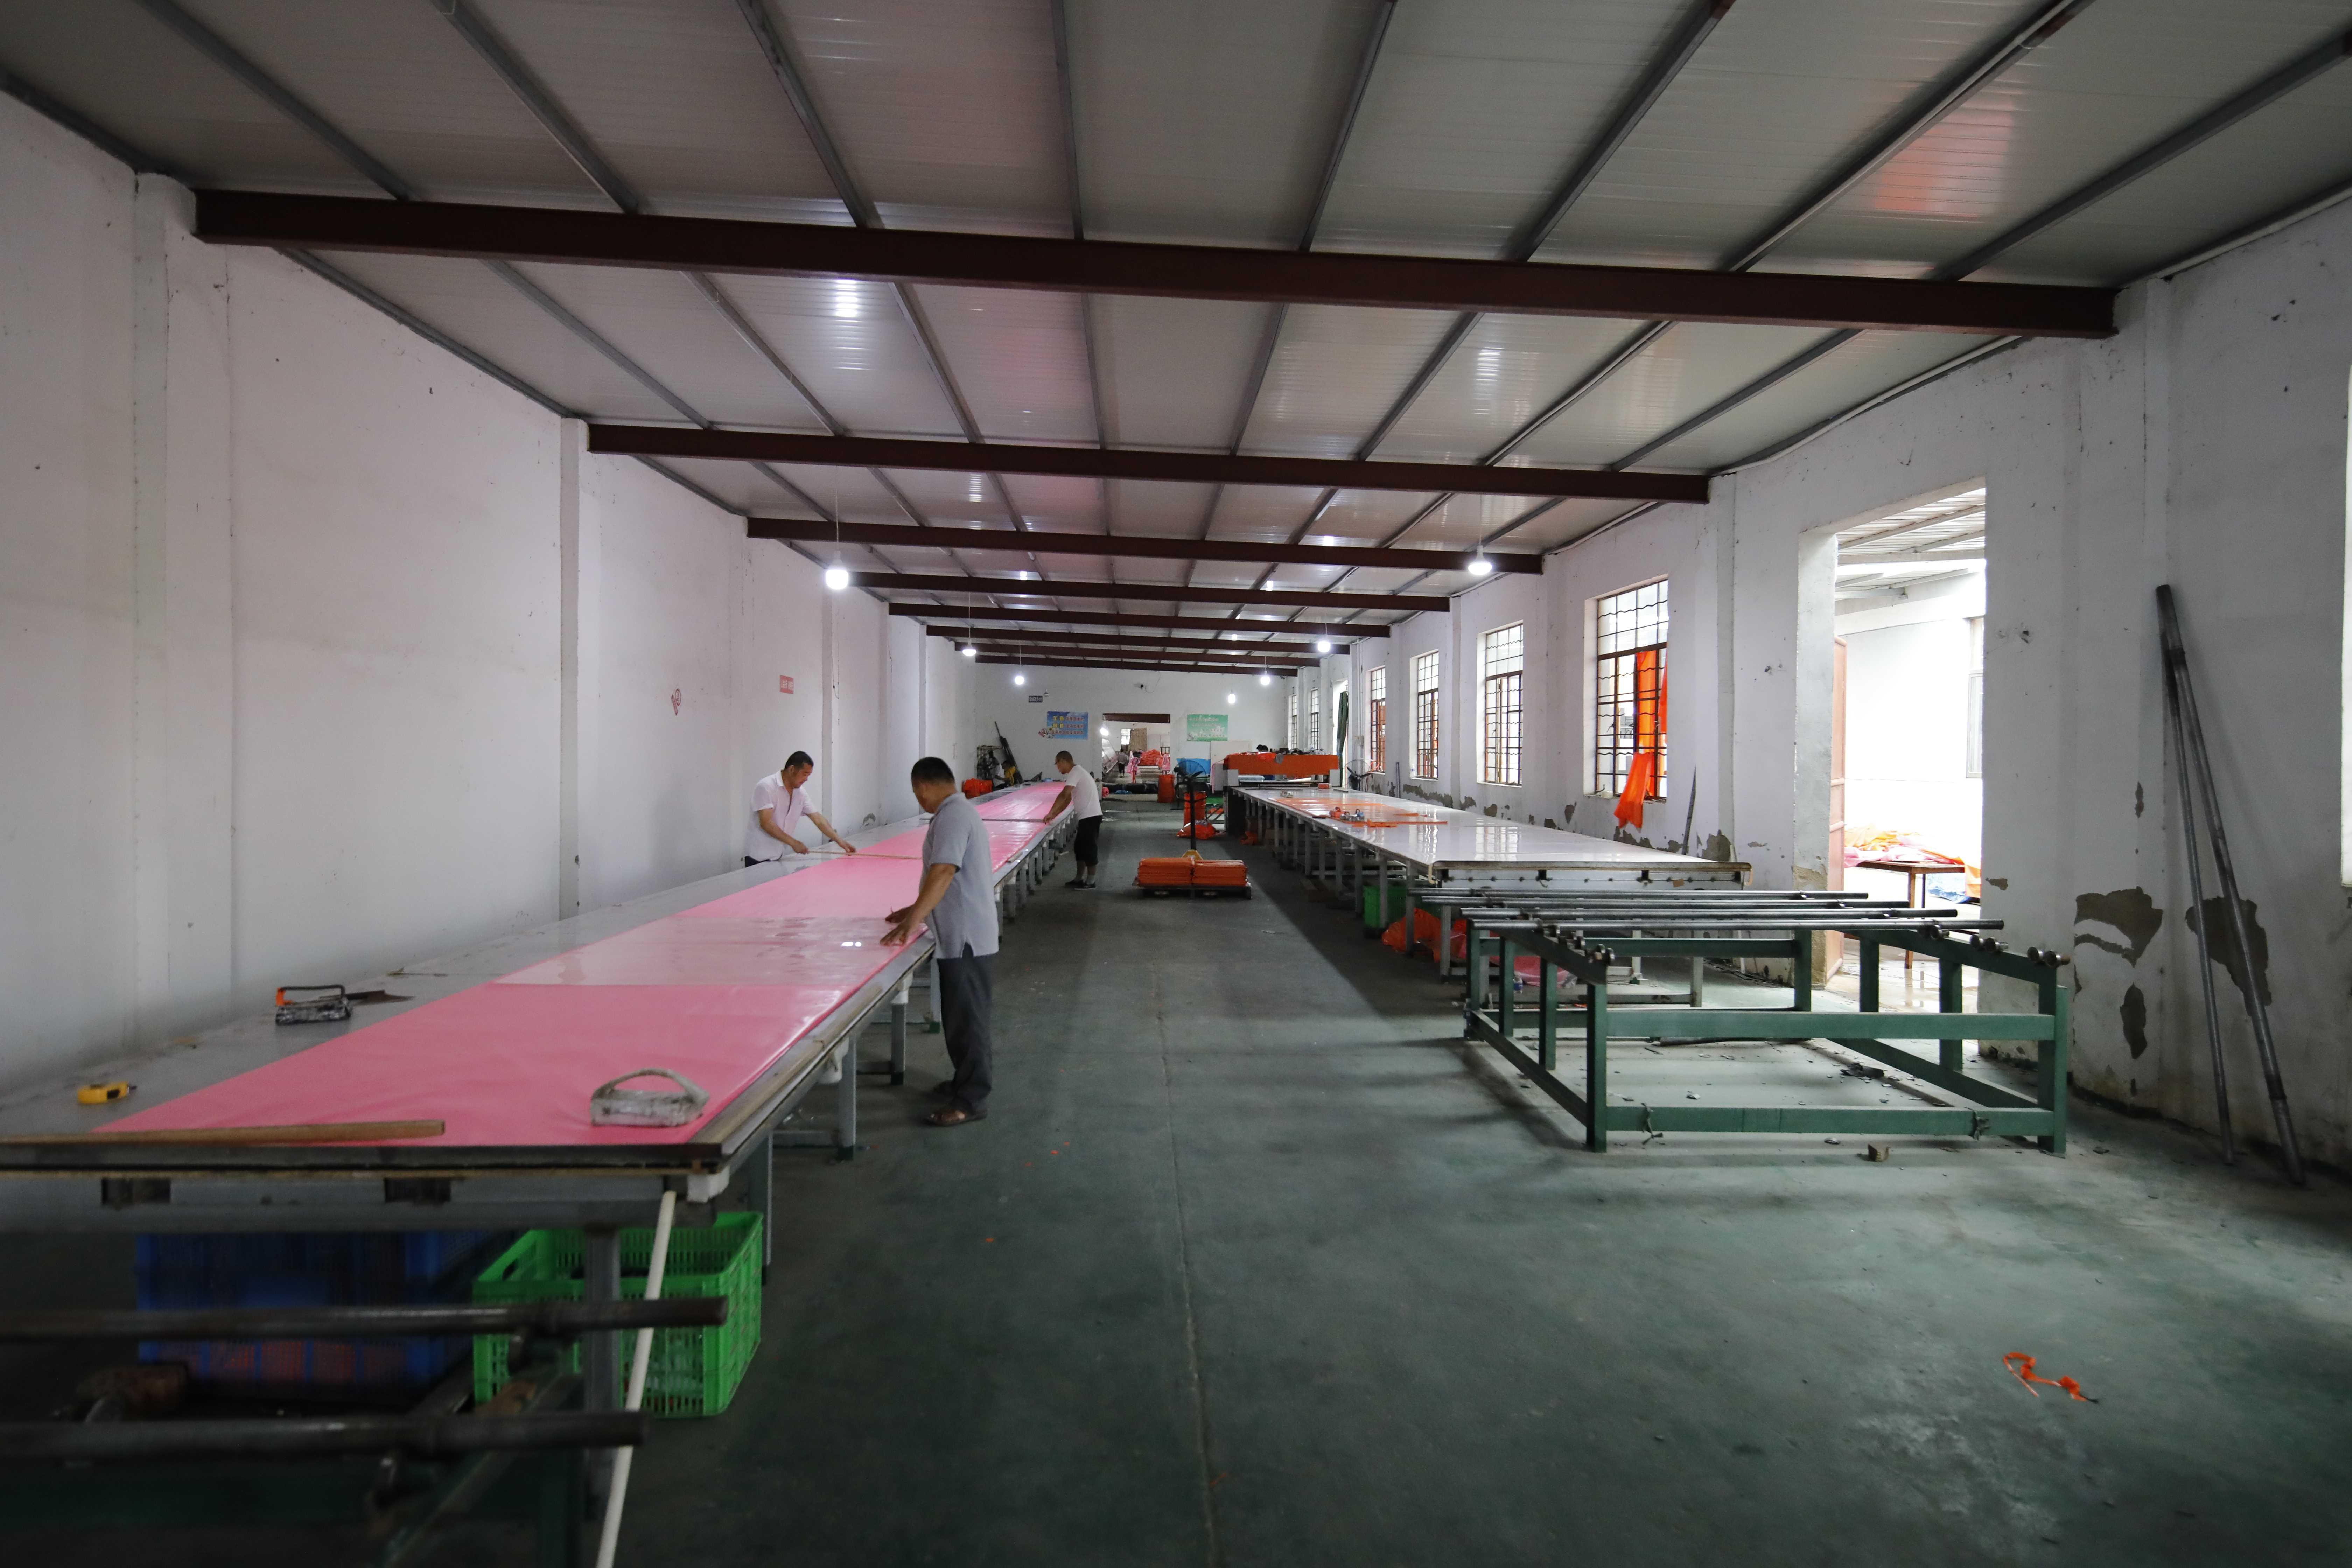 工廠硬件照片-_I4A3106